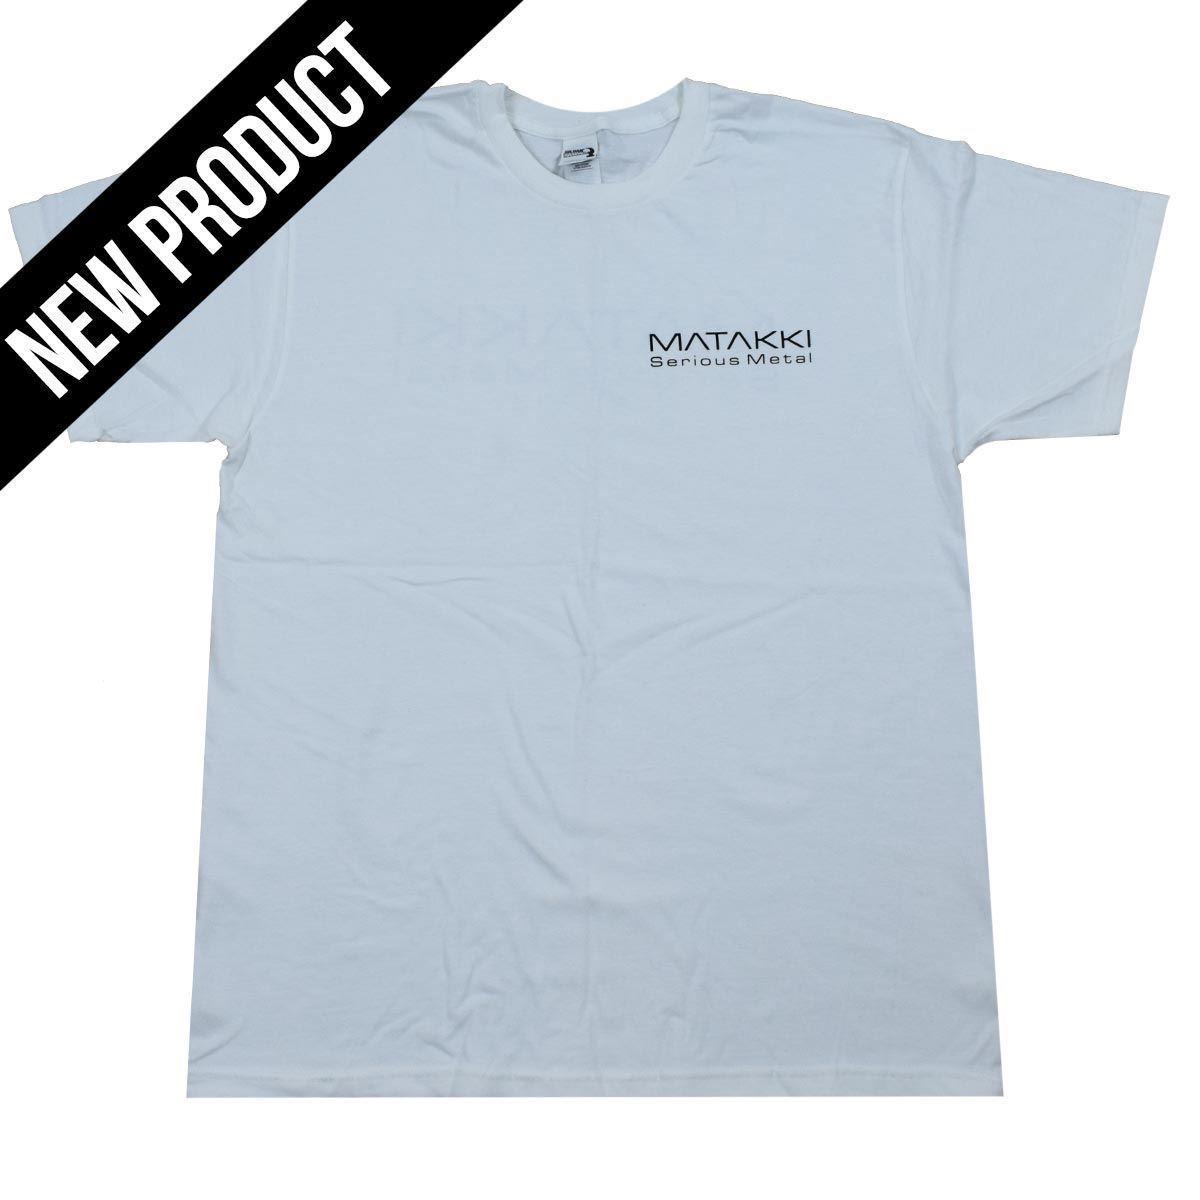 Picture of Matakki White T Shirt